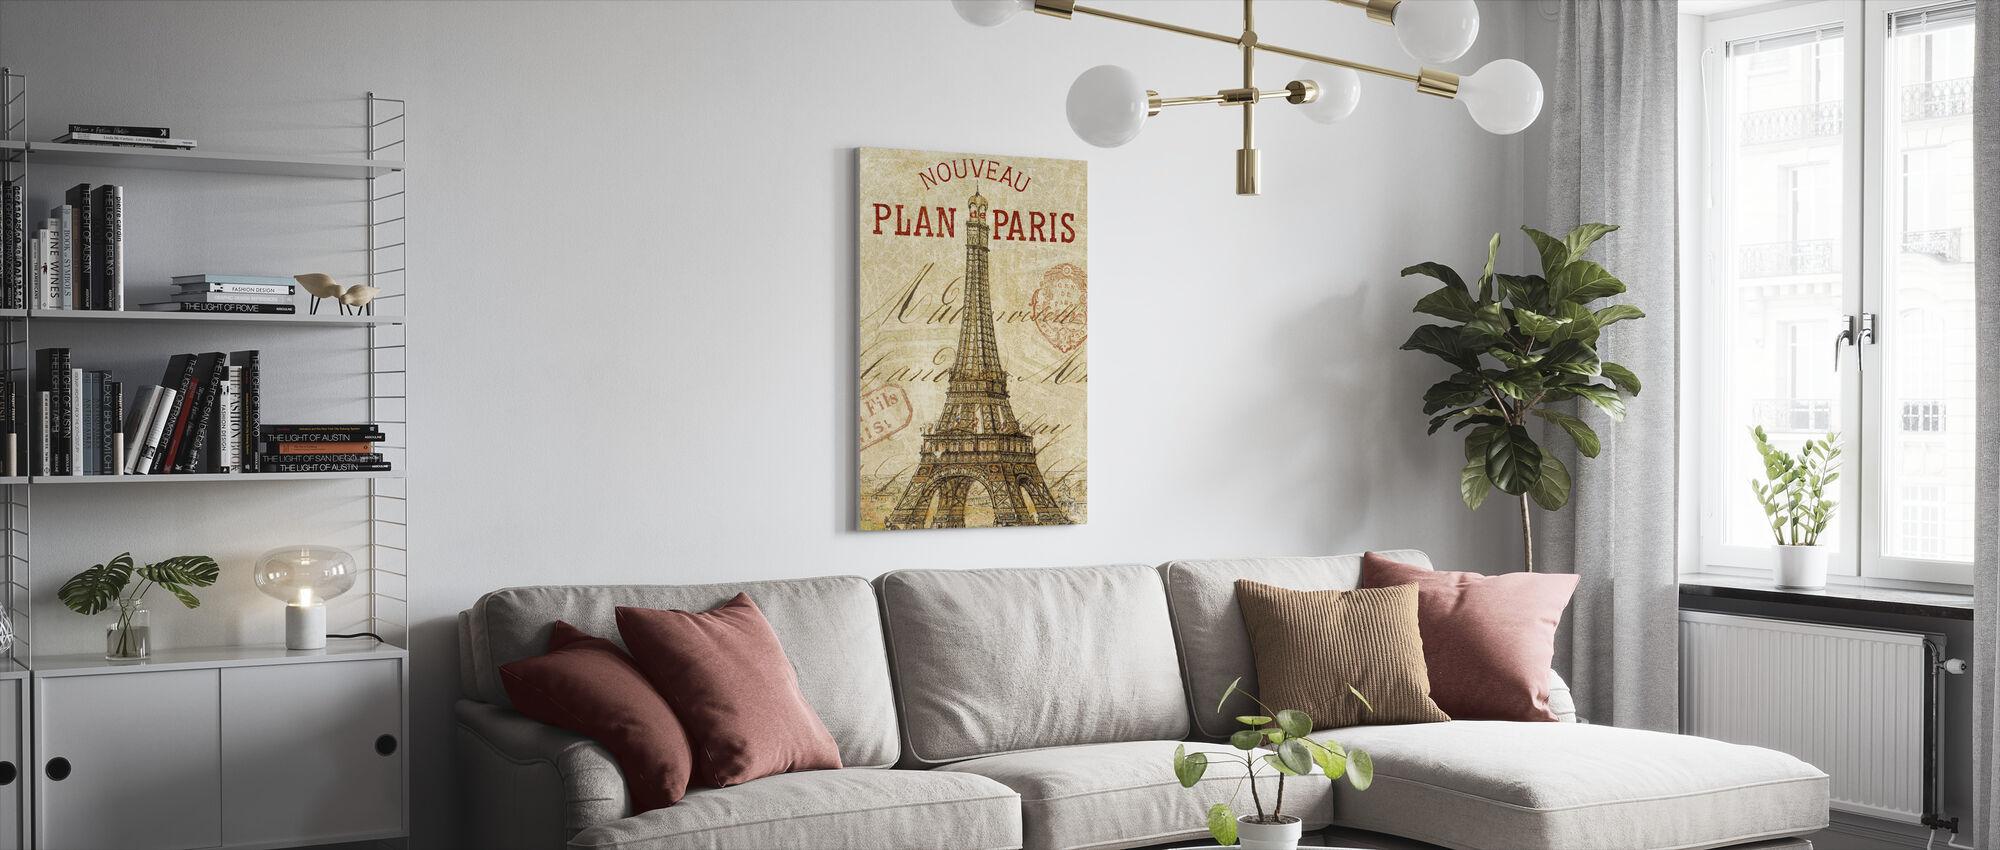 Brev fra Paris - Lerretsbilde - Stue